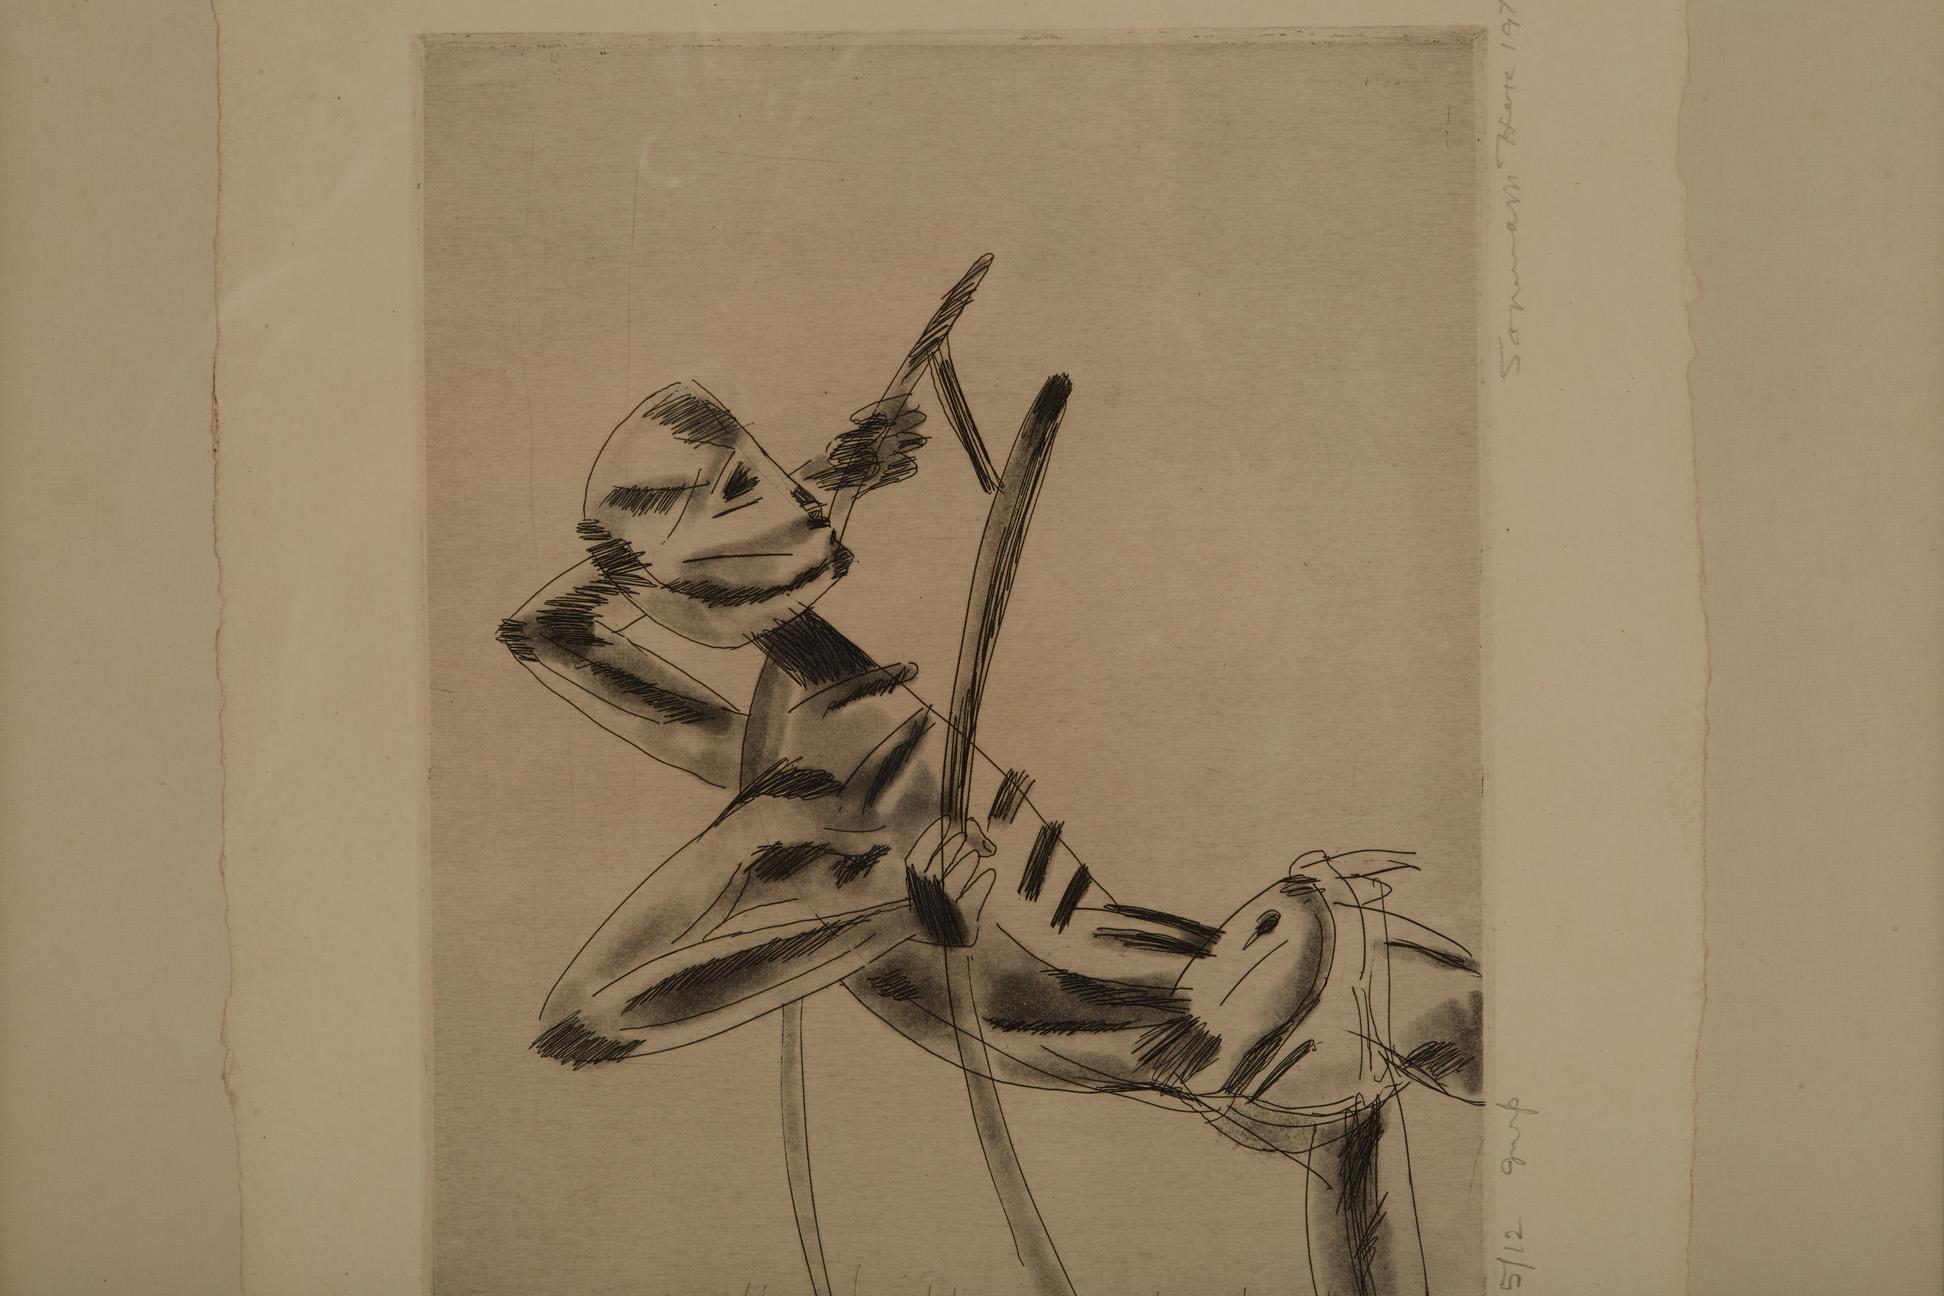 SOMNATH HORE (INDIAN, 1921-2006) - UNTITLED - Image 5 of 5